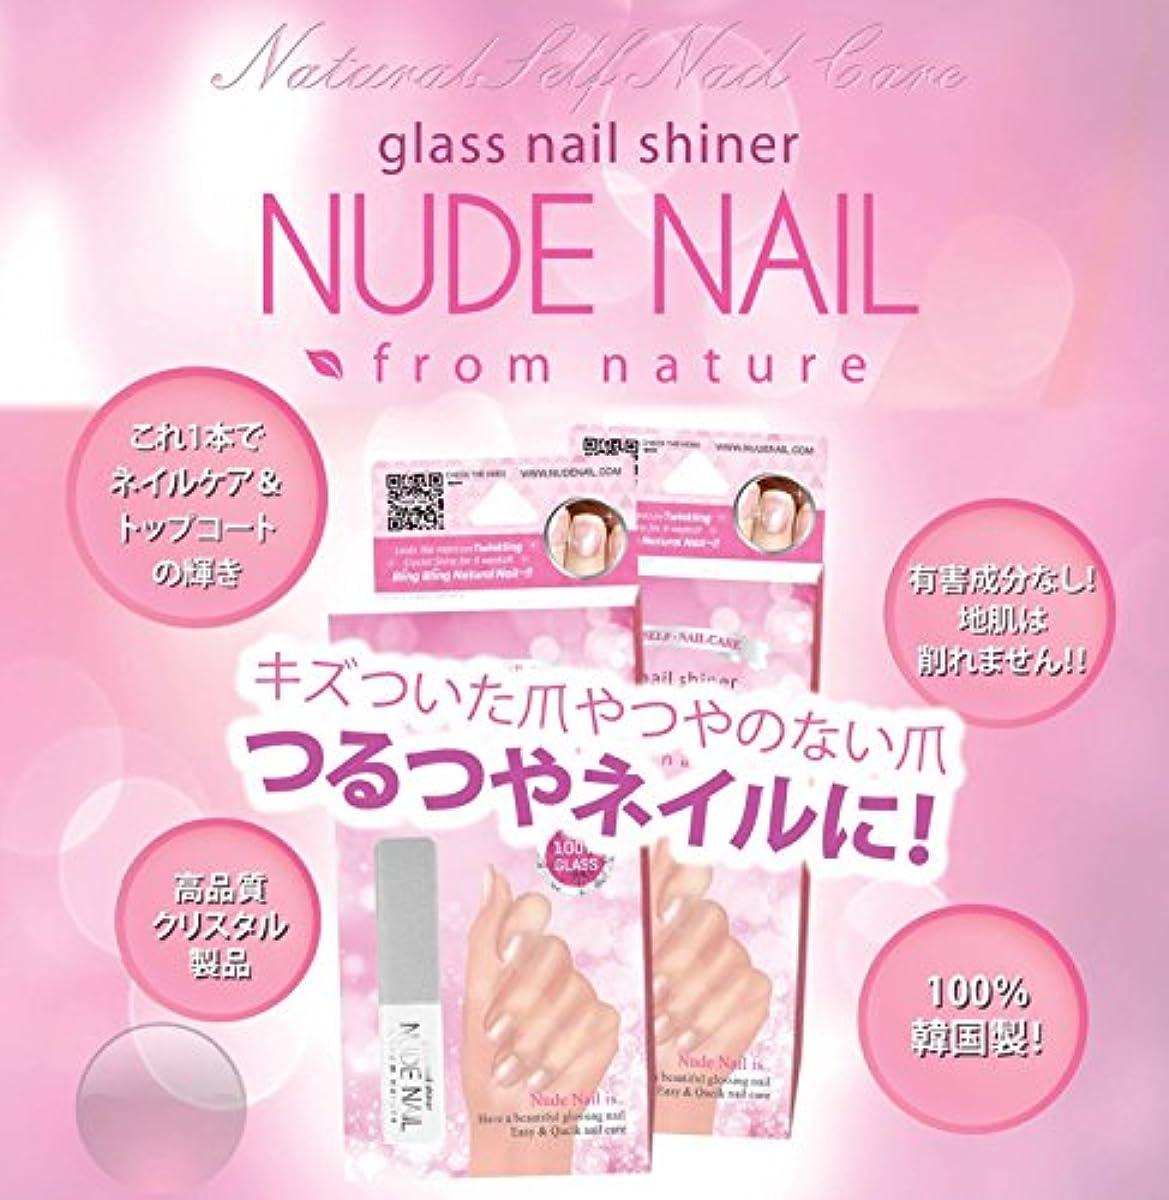 捕虜マウンド回転するつるつやネイルに!ヌードネイル!NUDE NAIL!高品質クリスタル製品